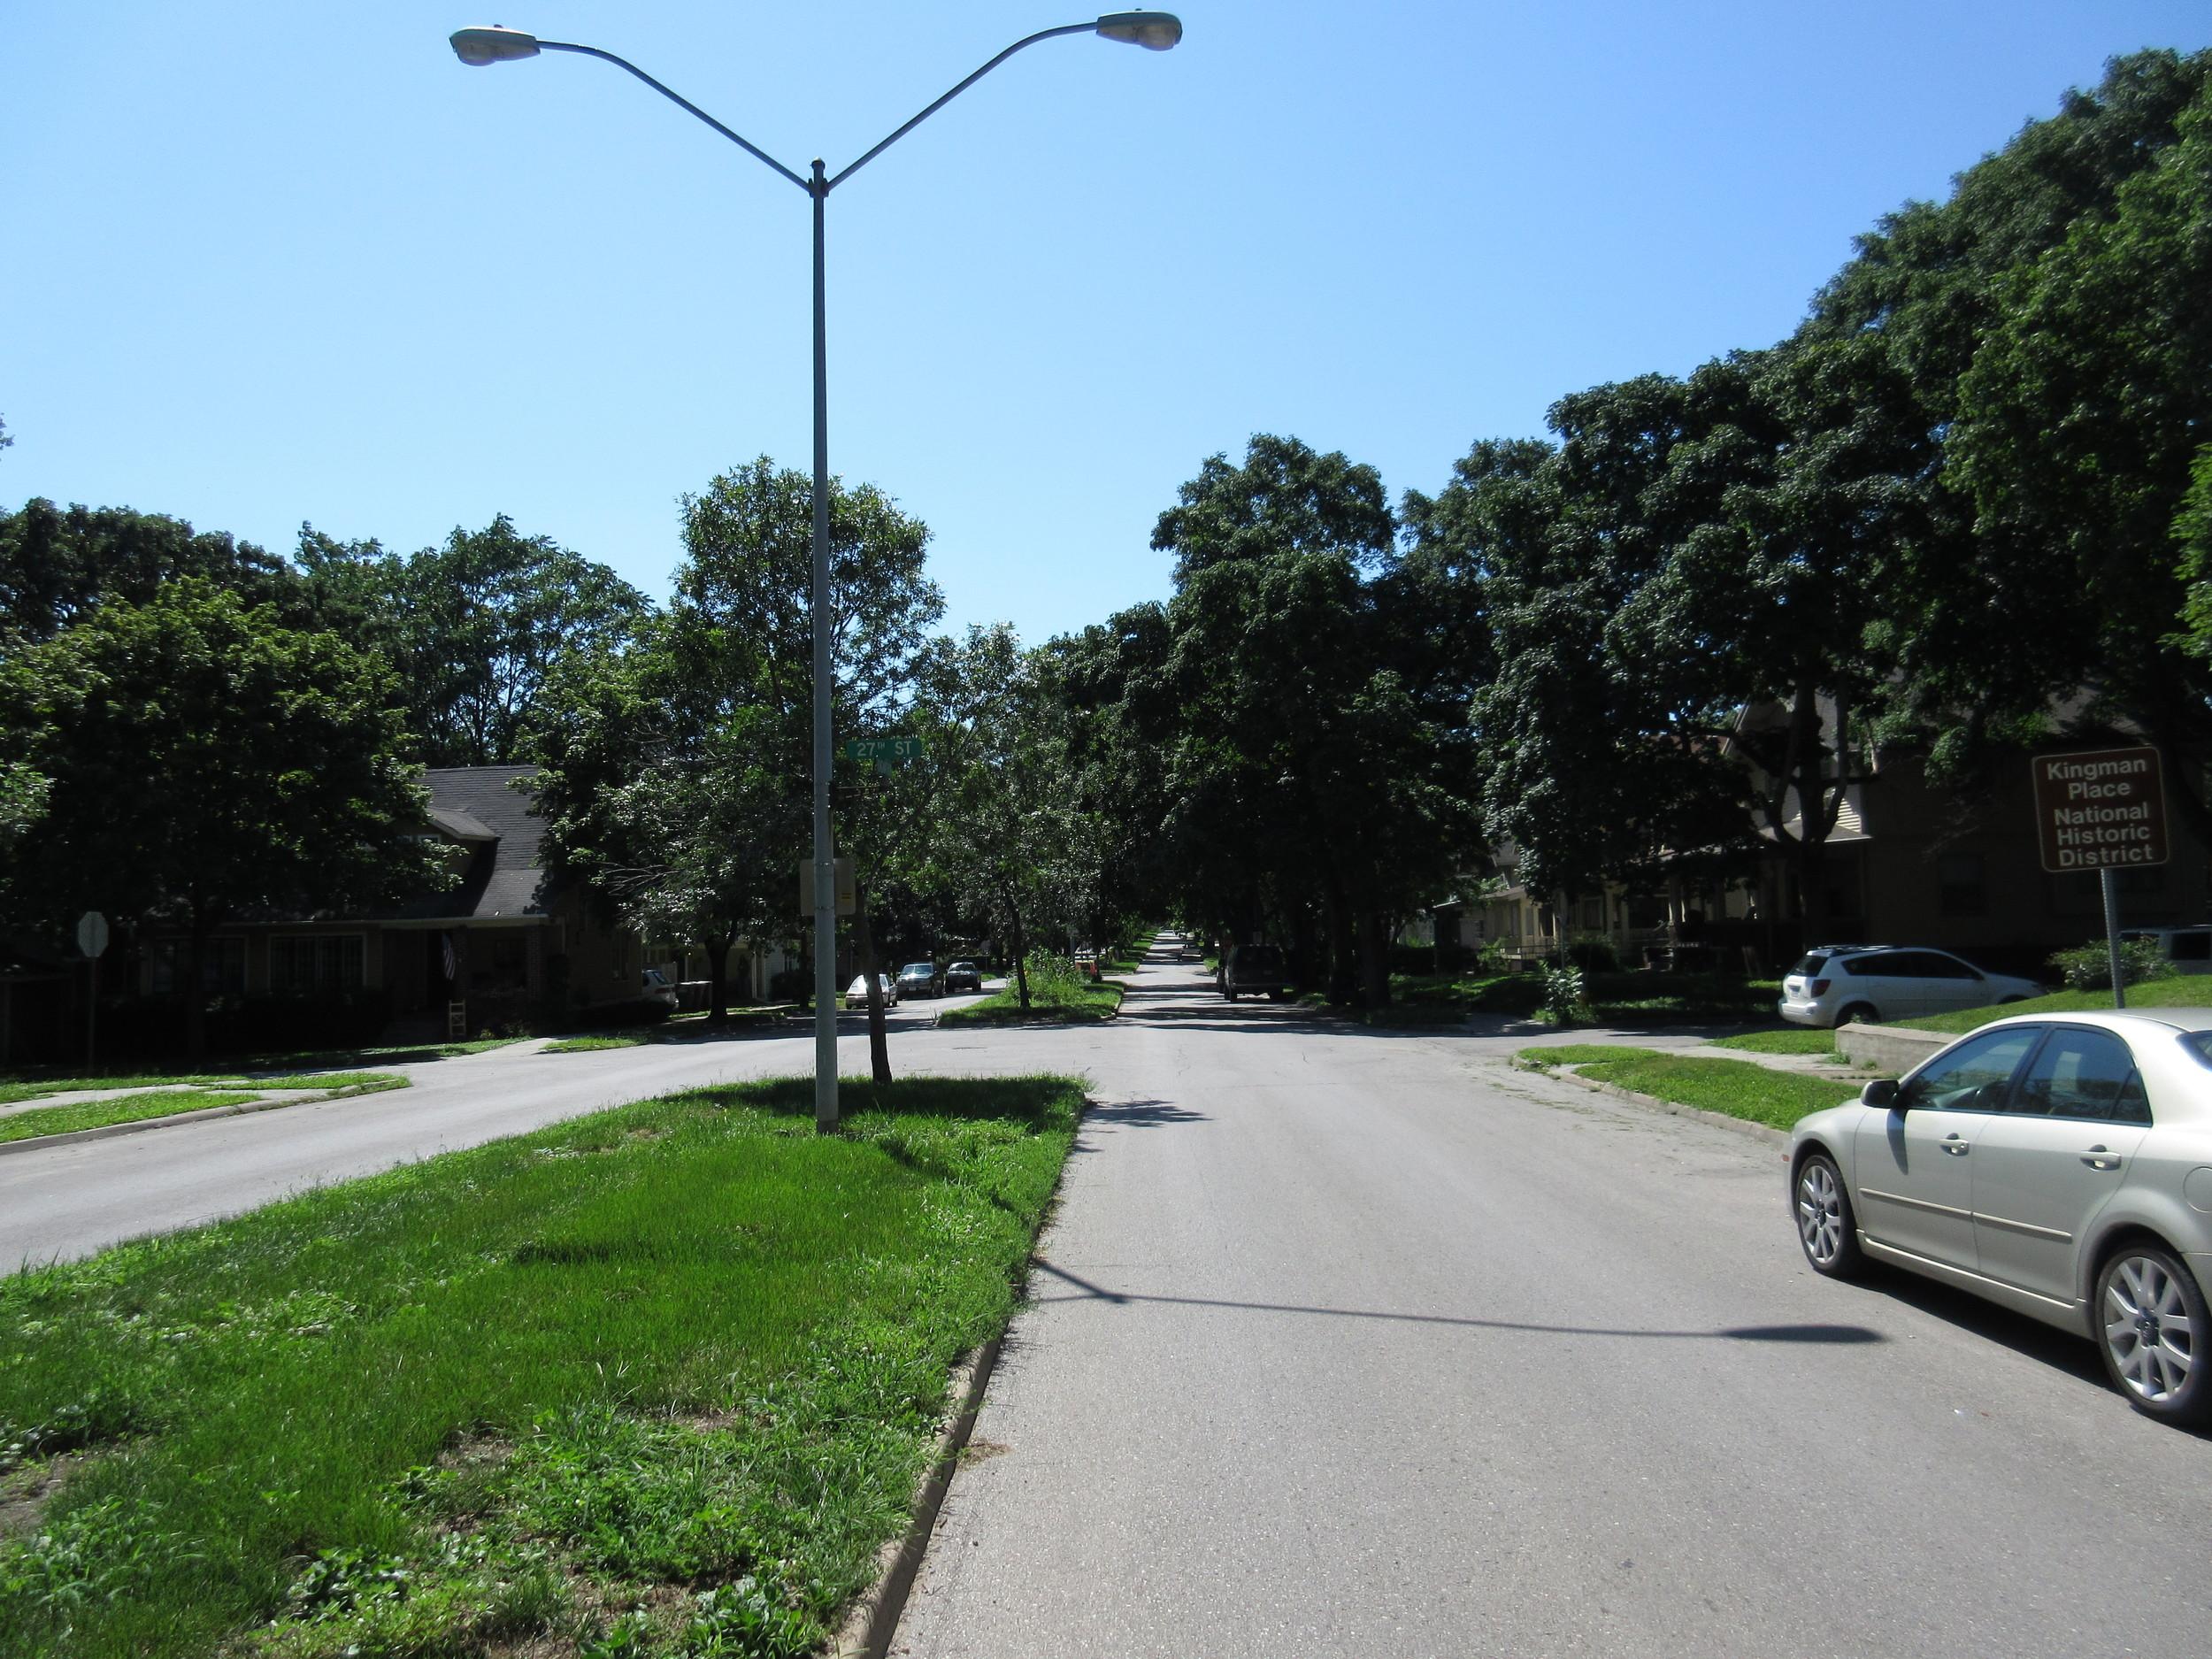 Looking west on Kingman Boulevard.